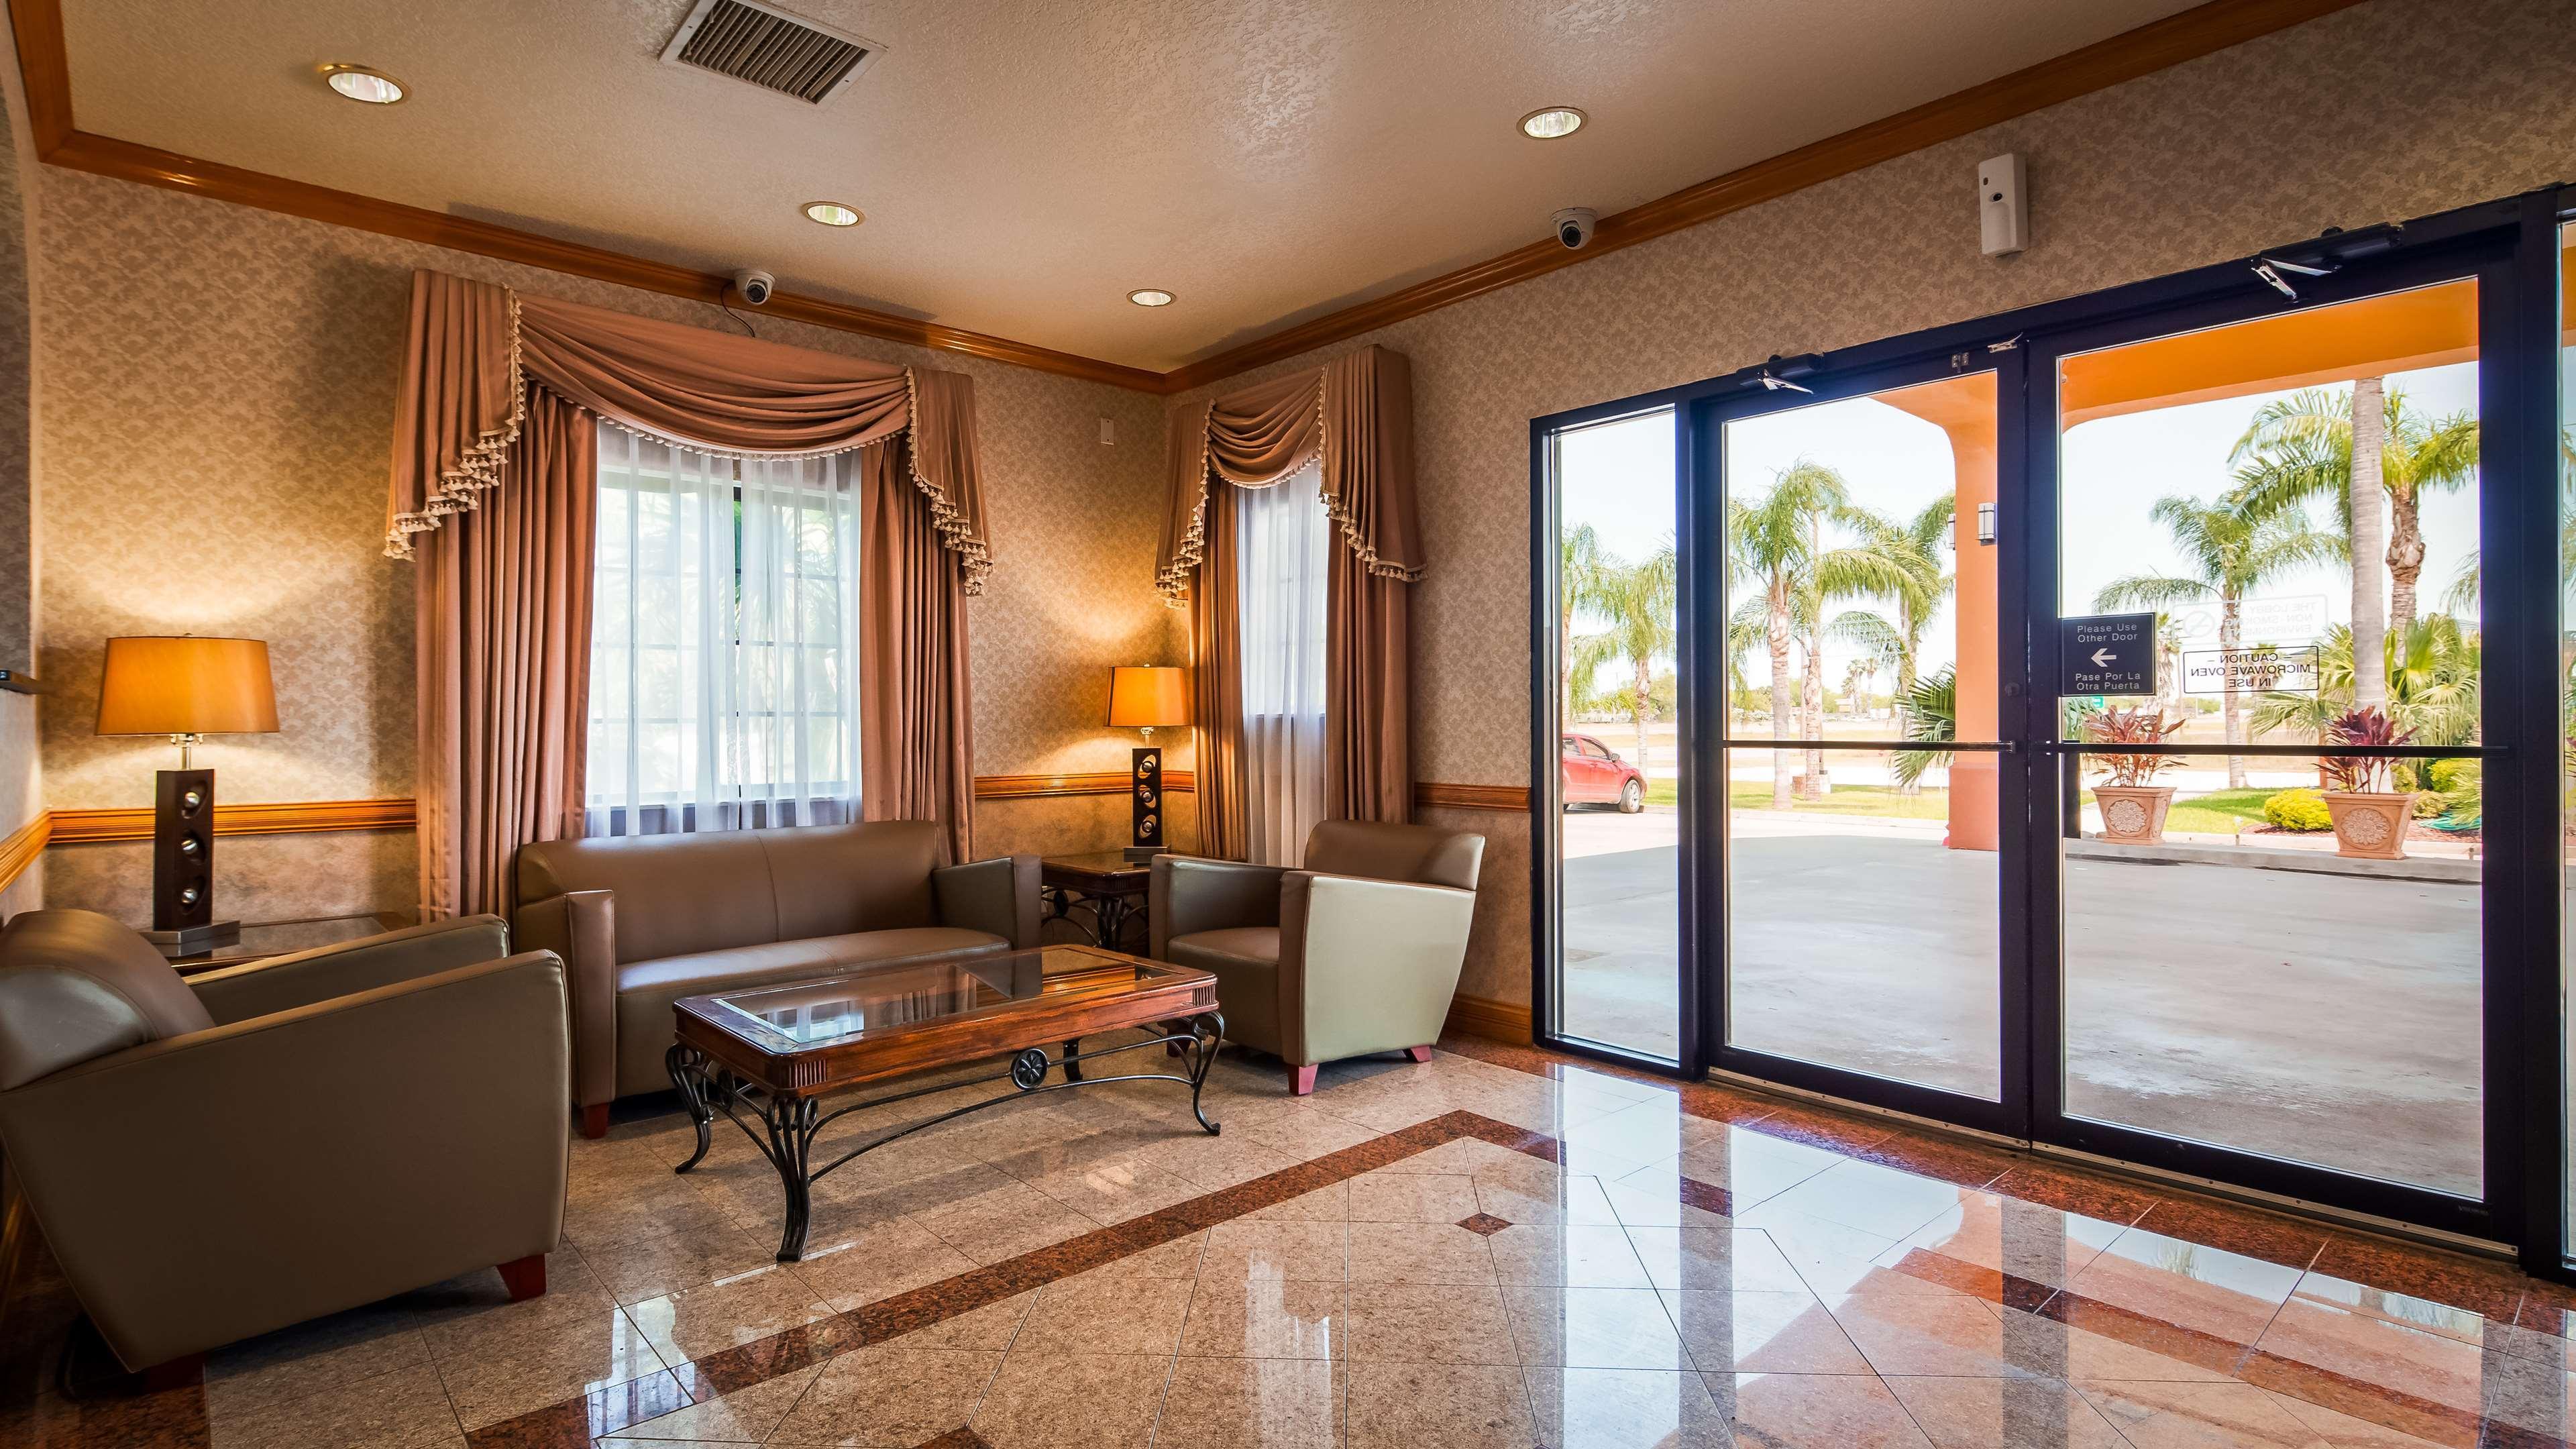 SureStay Hotel by Best Western Falfurrias image 25